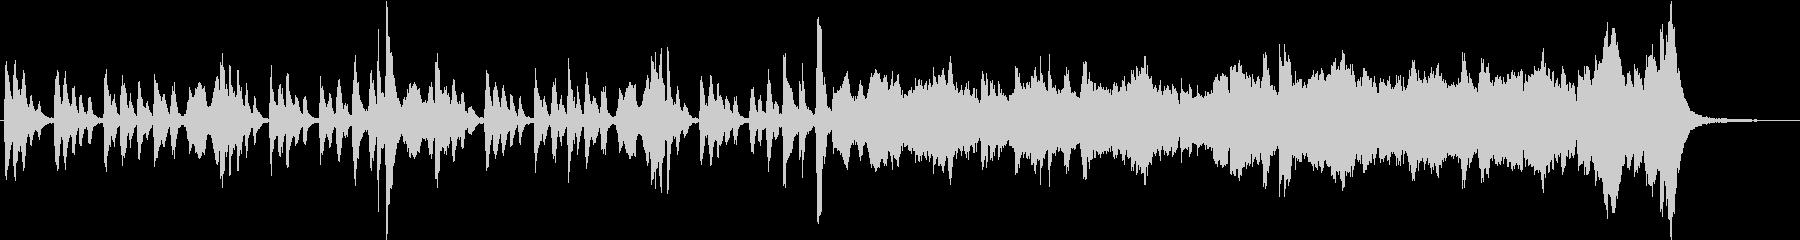 CM】情緒ある和風オーケストラ【短縮版】の未再生の波形